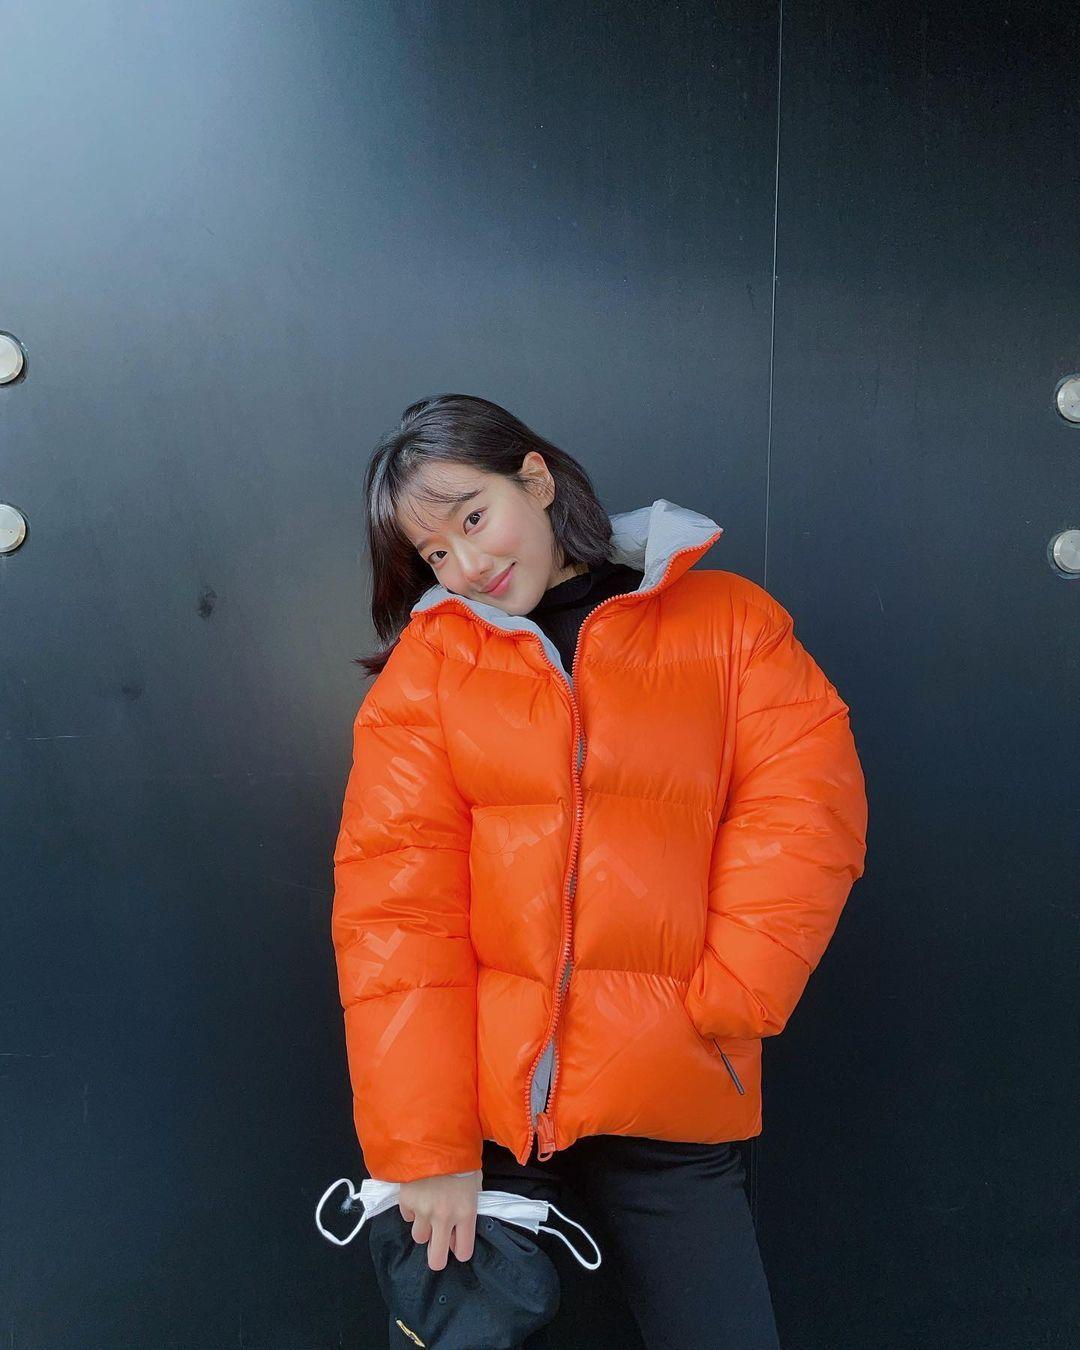 寒冬新时尚!跟着韩国女星学习羽绒服穿搭,一起来做冬日女神!插图4